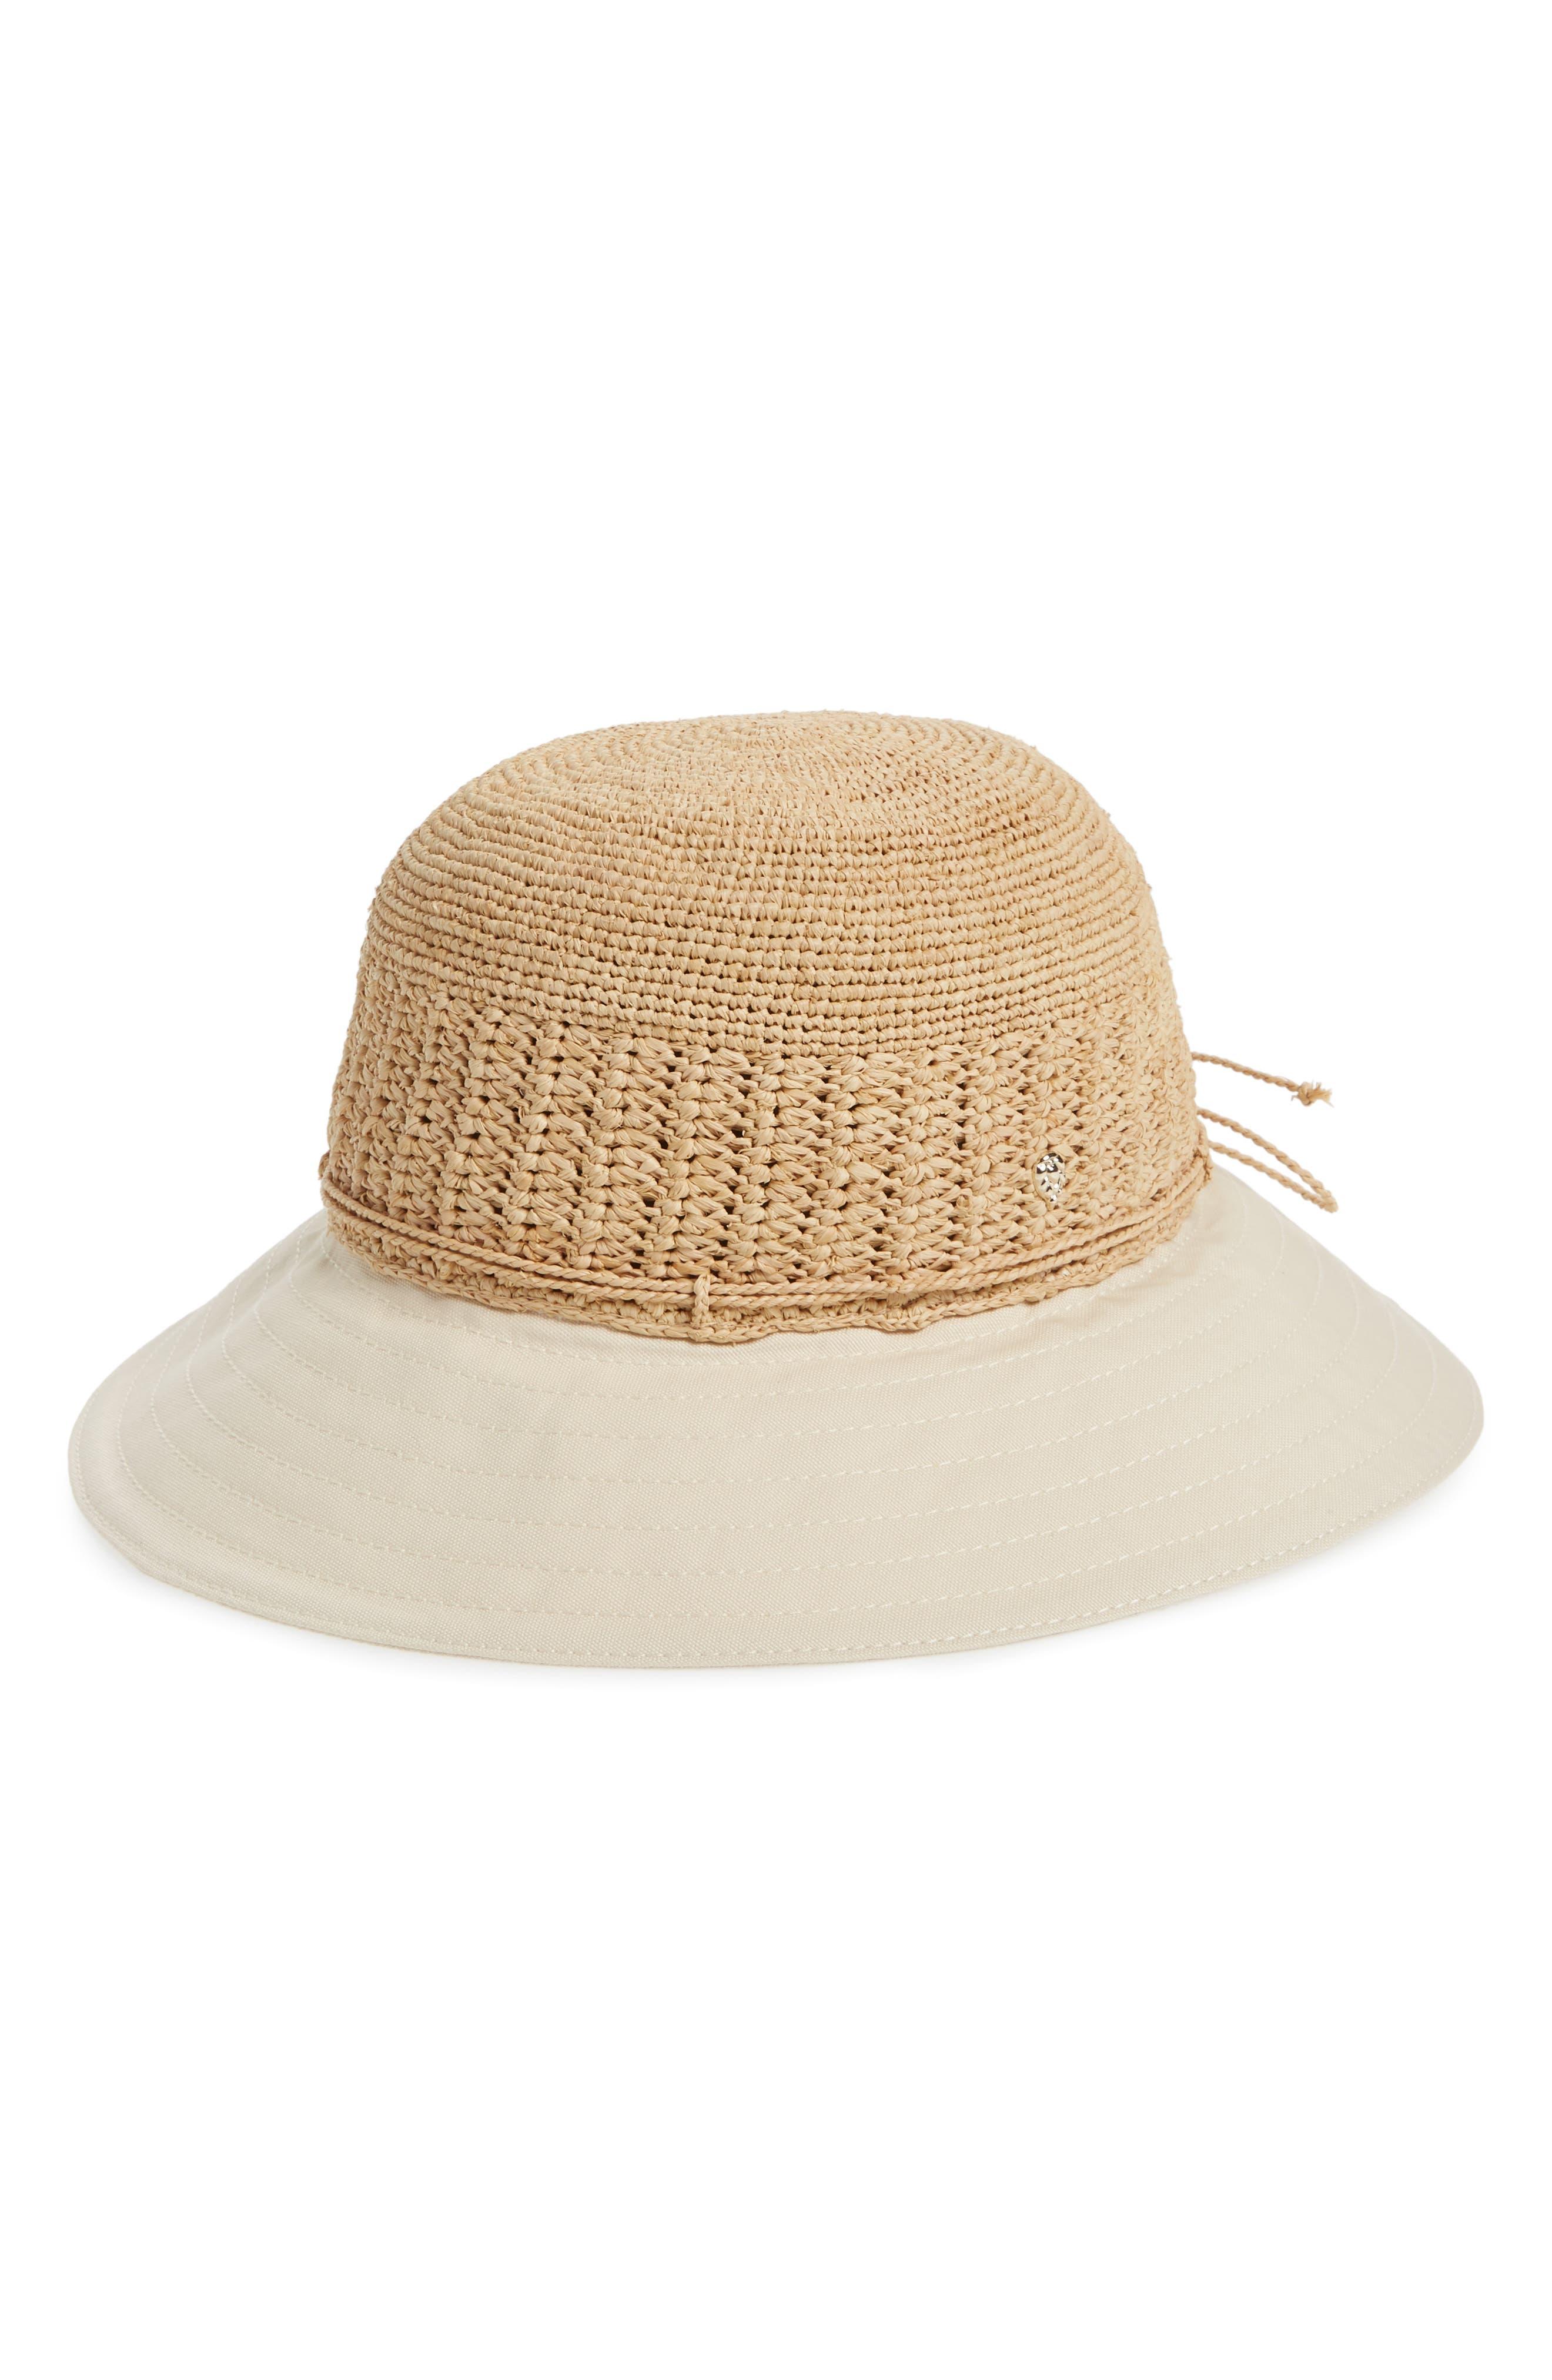 Cotton Brim Raffia Hat,                         Main,                         color, Natural/ Shell